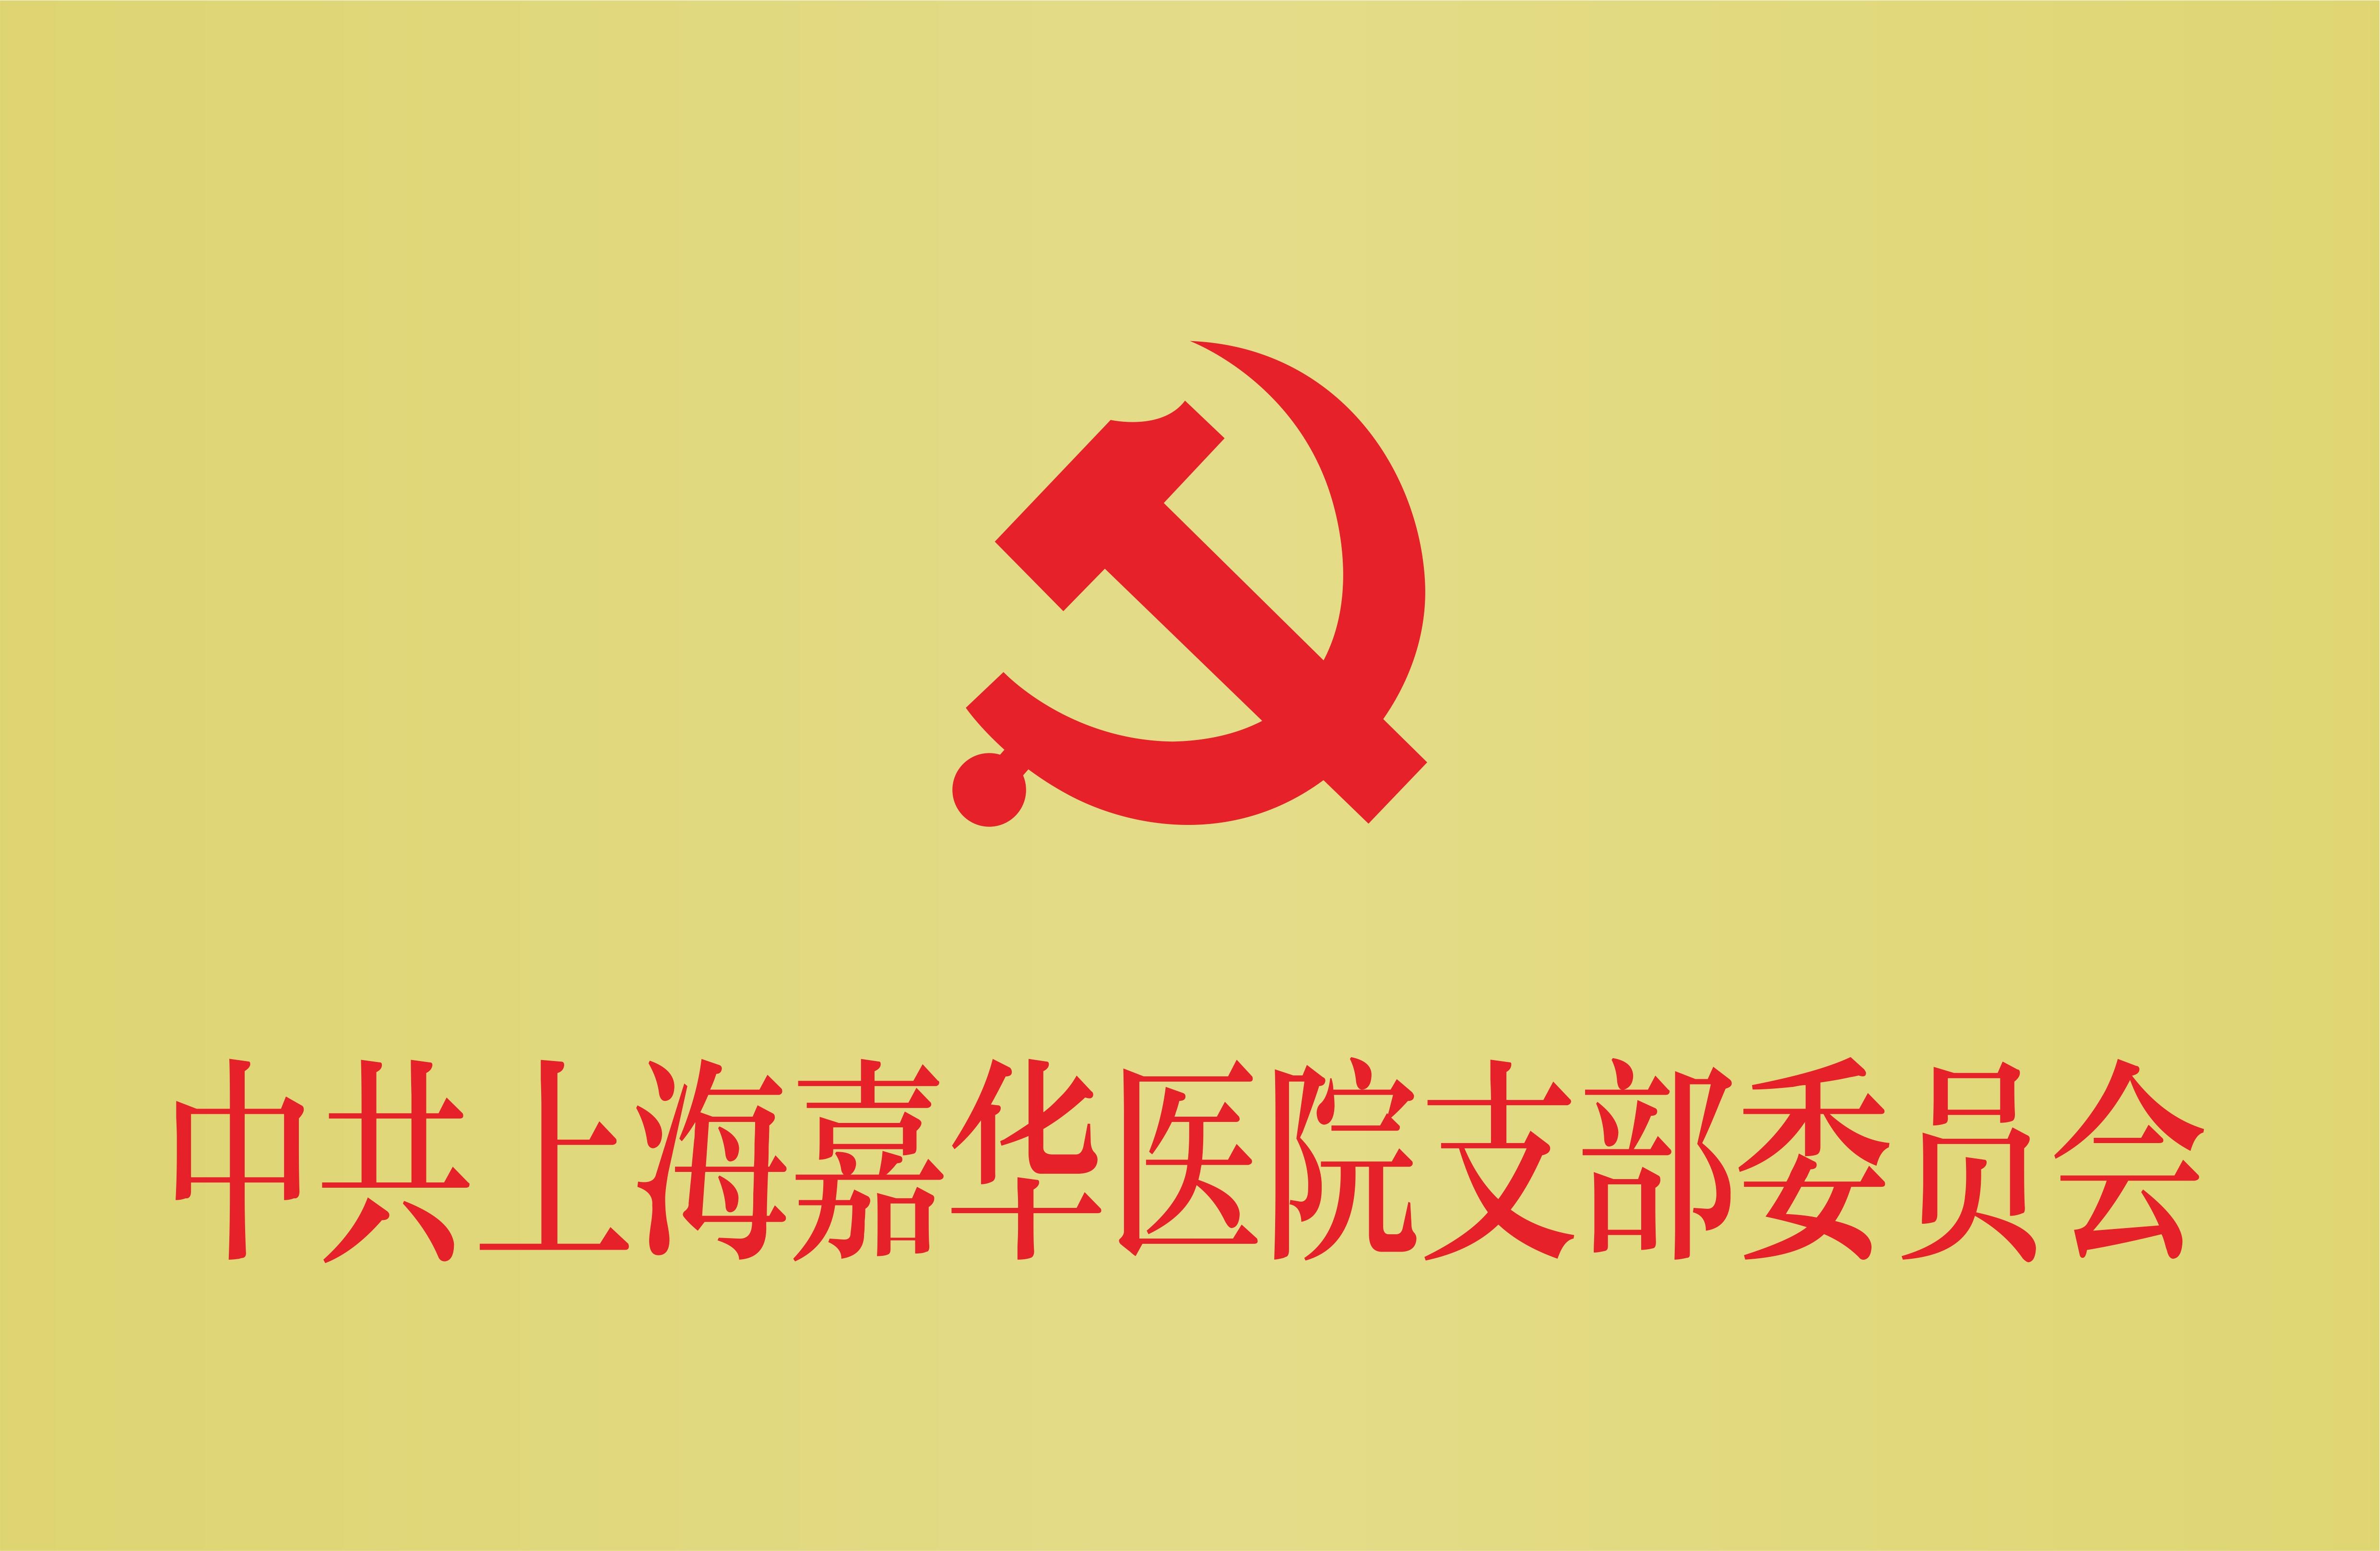 中共上海嘉华医院支部委员会